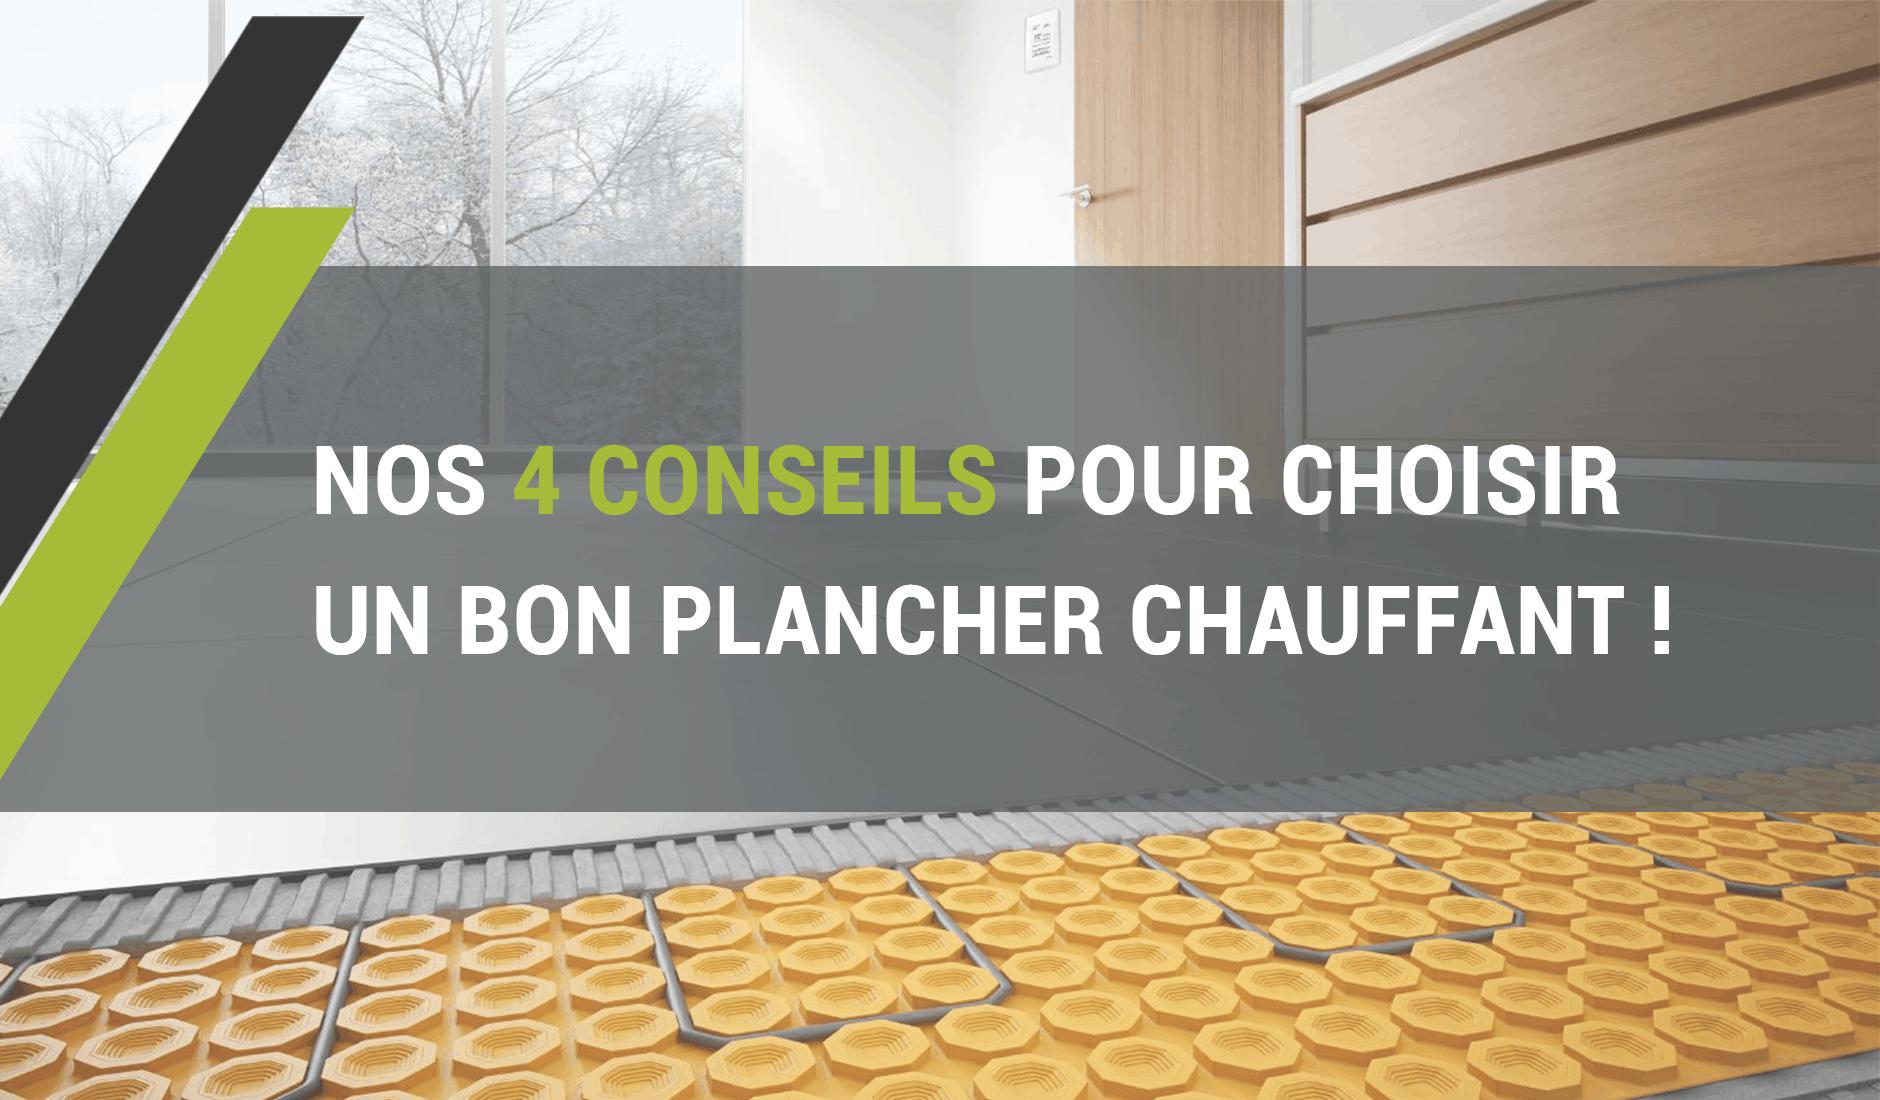 Carrelage Sur Plancher Chauffant Basse Temperature nos 4 conseils pour choisir le bon plancher chauffant ! blog